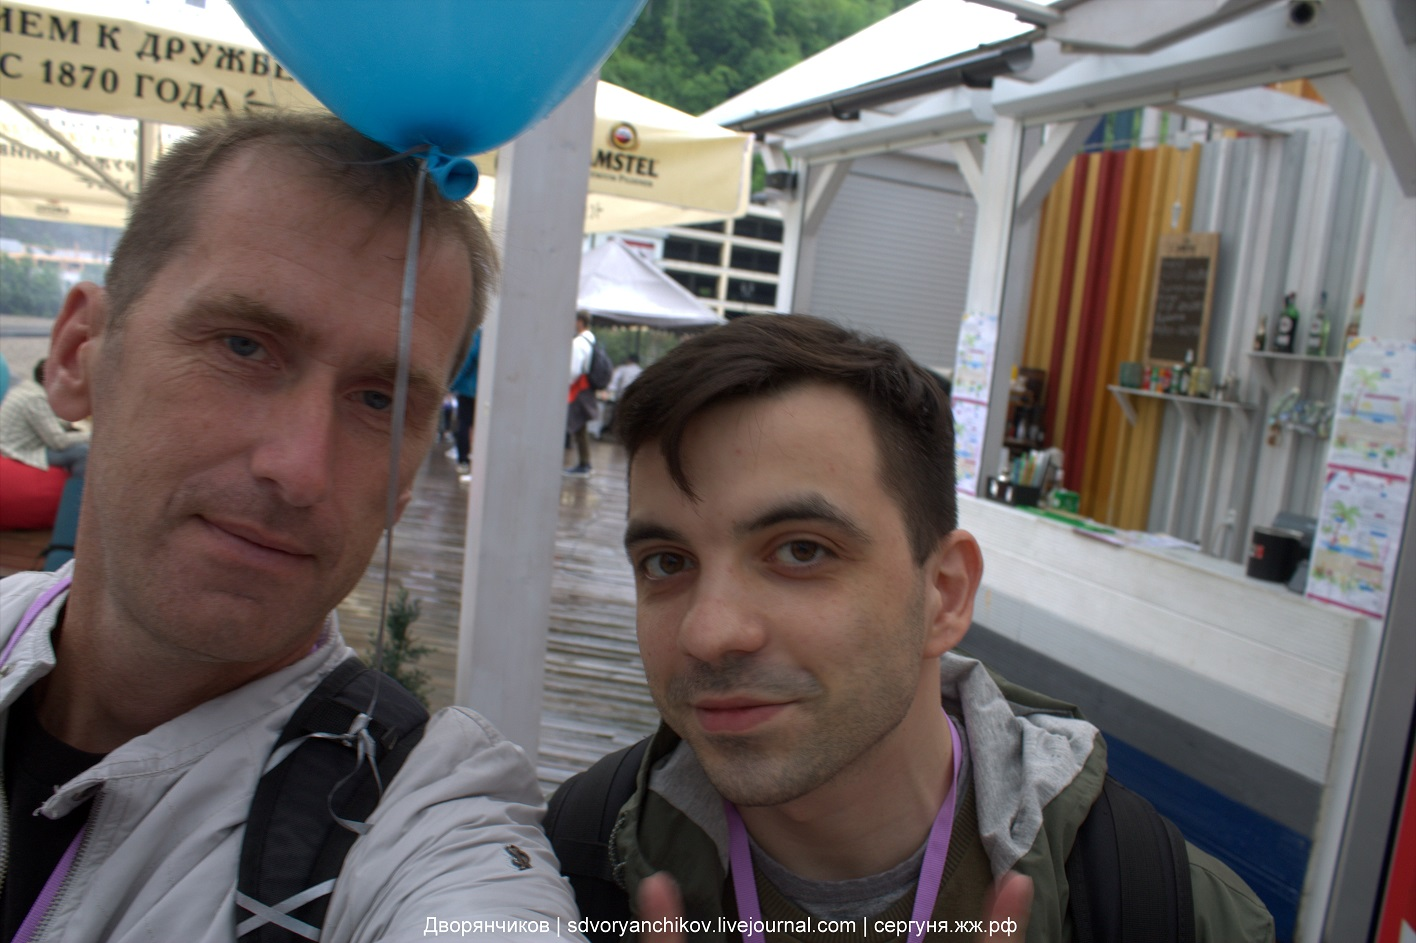 НеФорум и НеФорумчане - несколько фотографий с коллегами и гостями